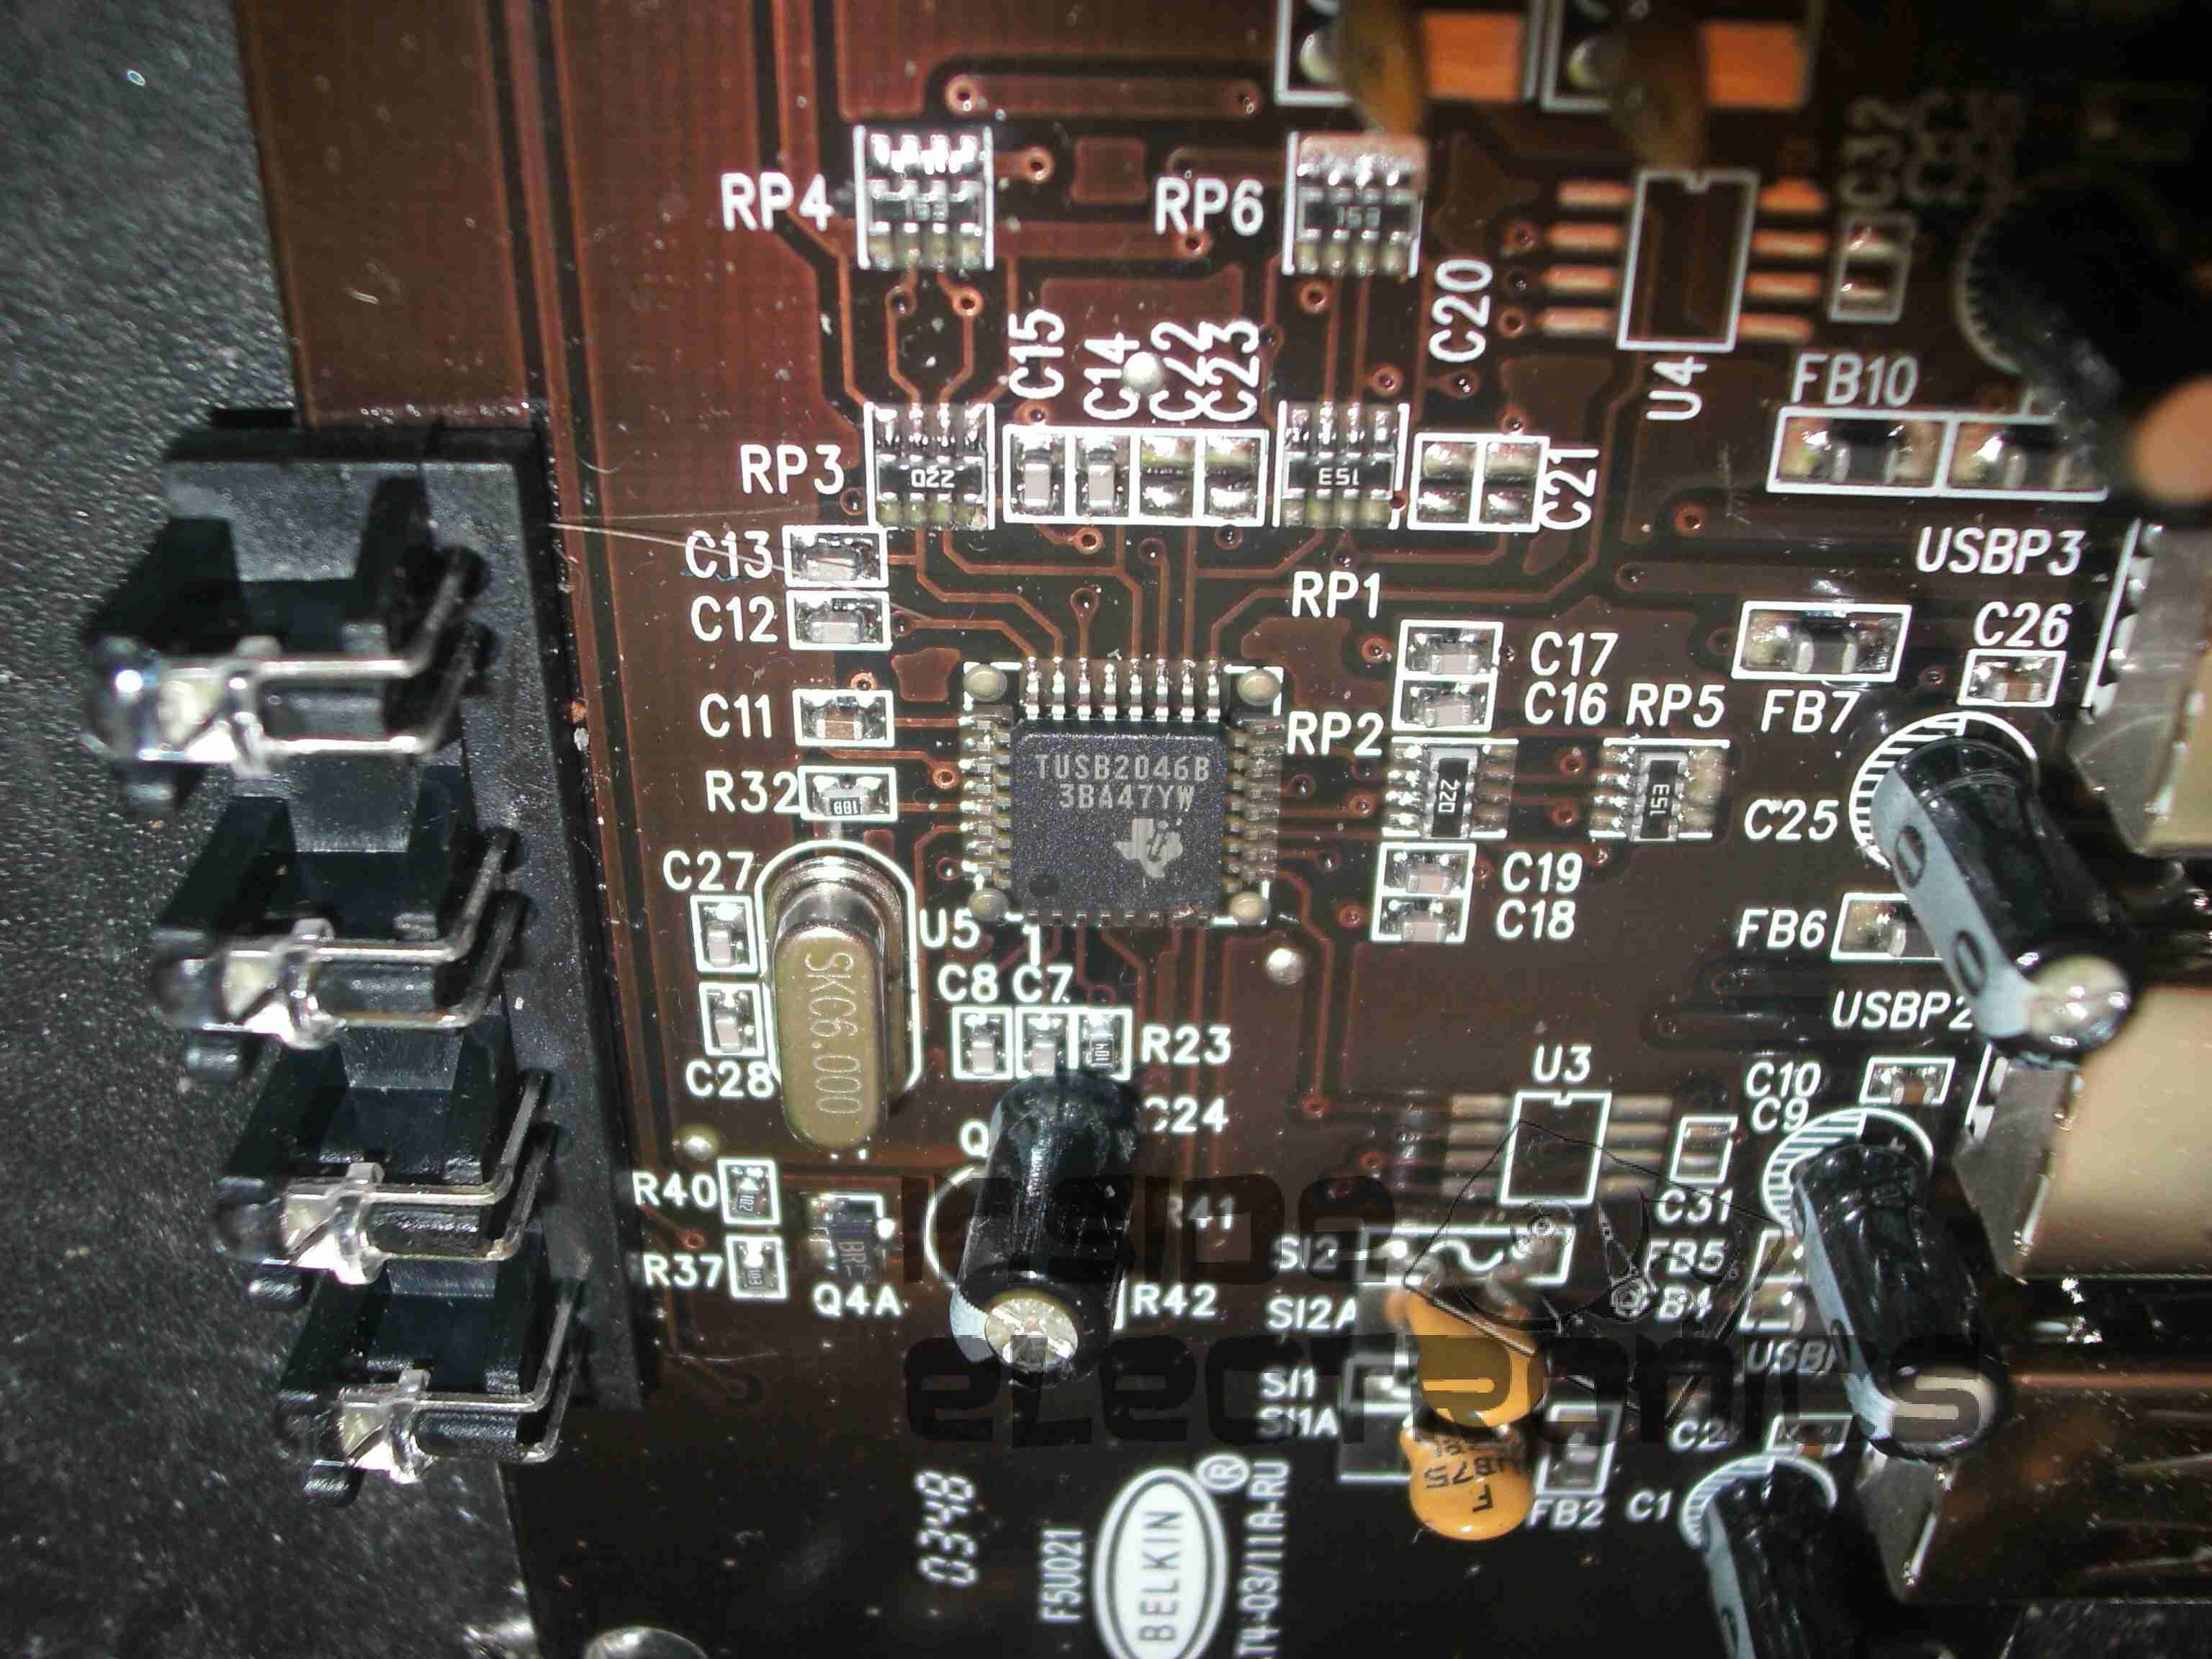 Belkin usb 4 port hub f5u021